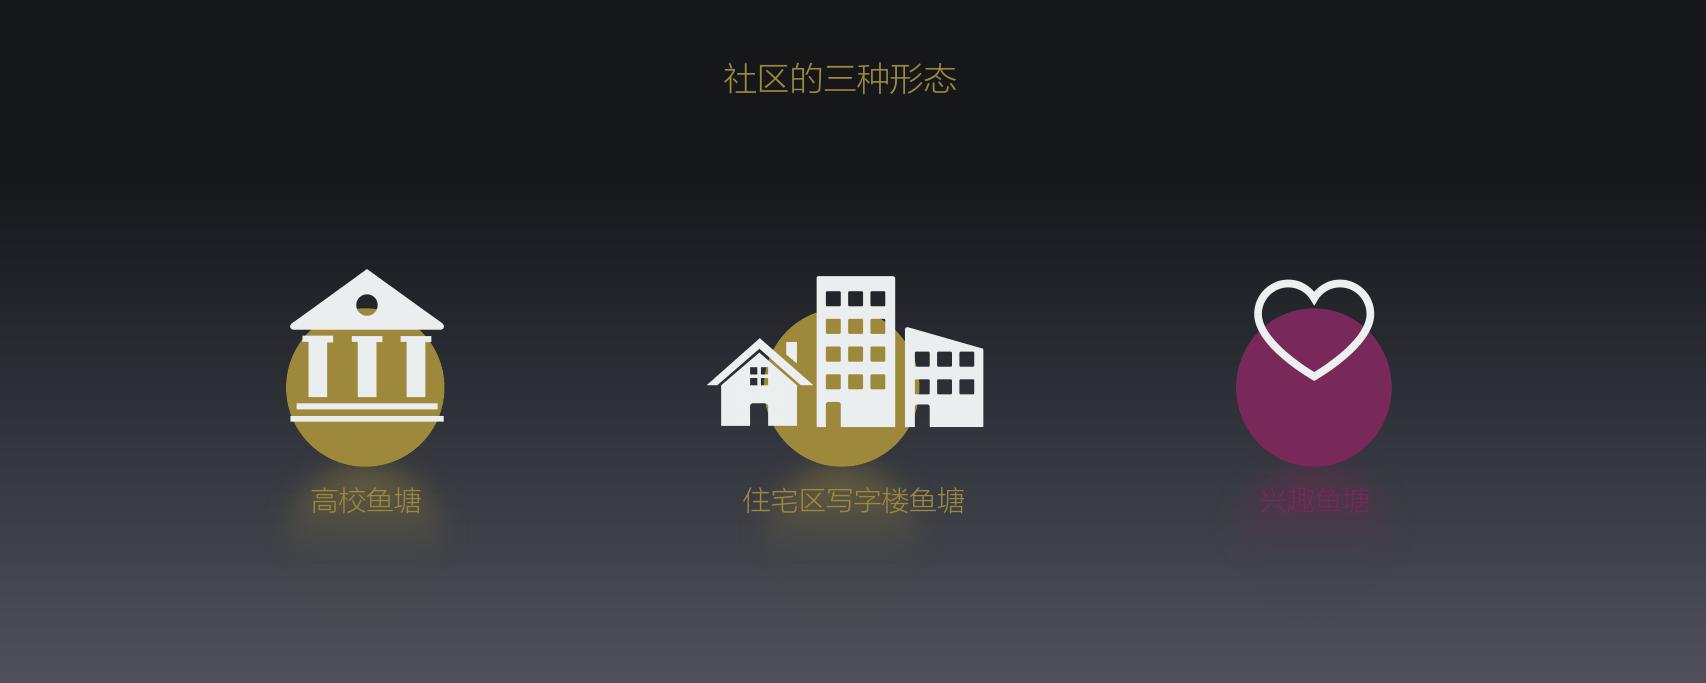 2016分享经济发展报告_000008